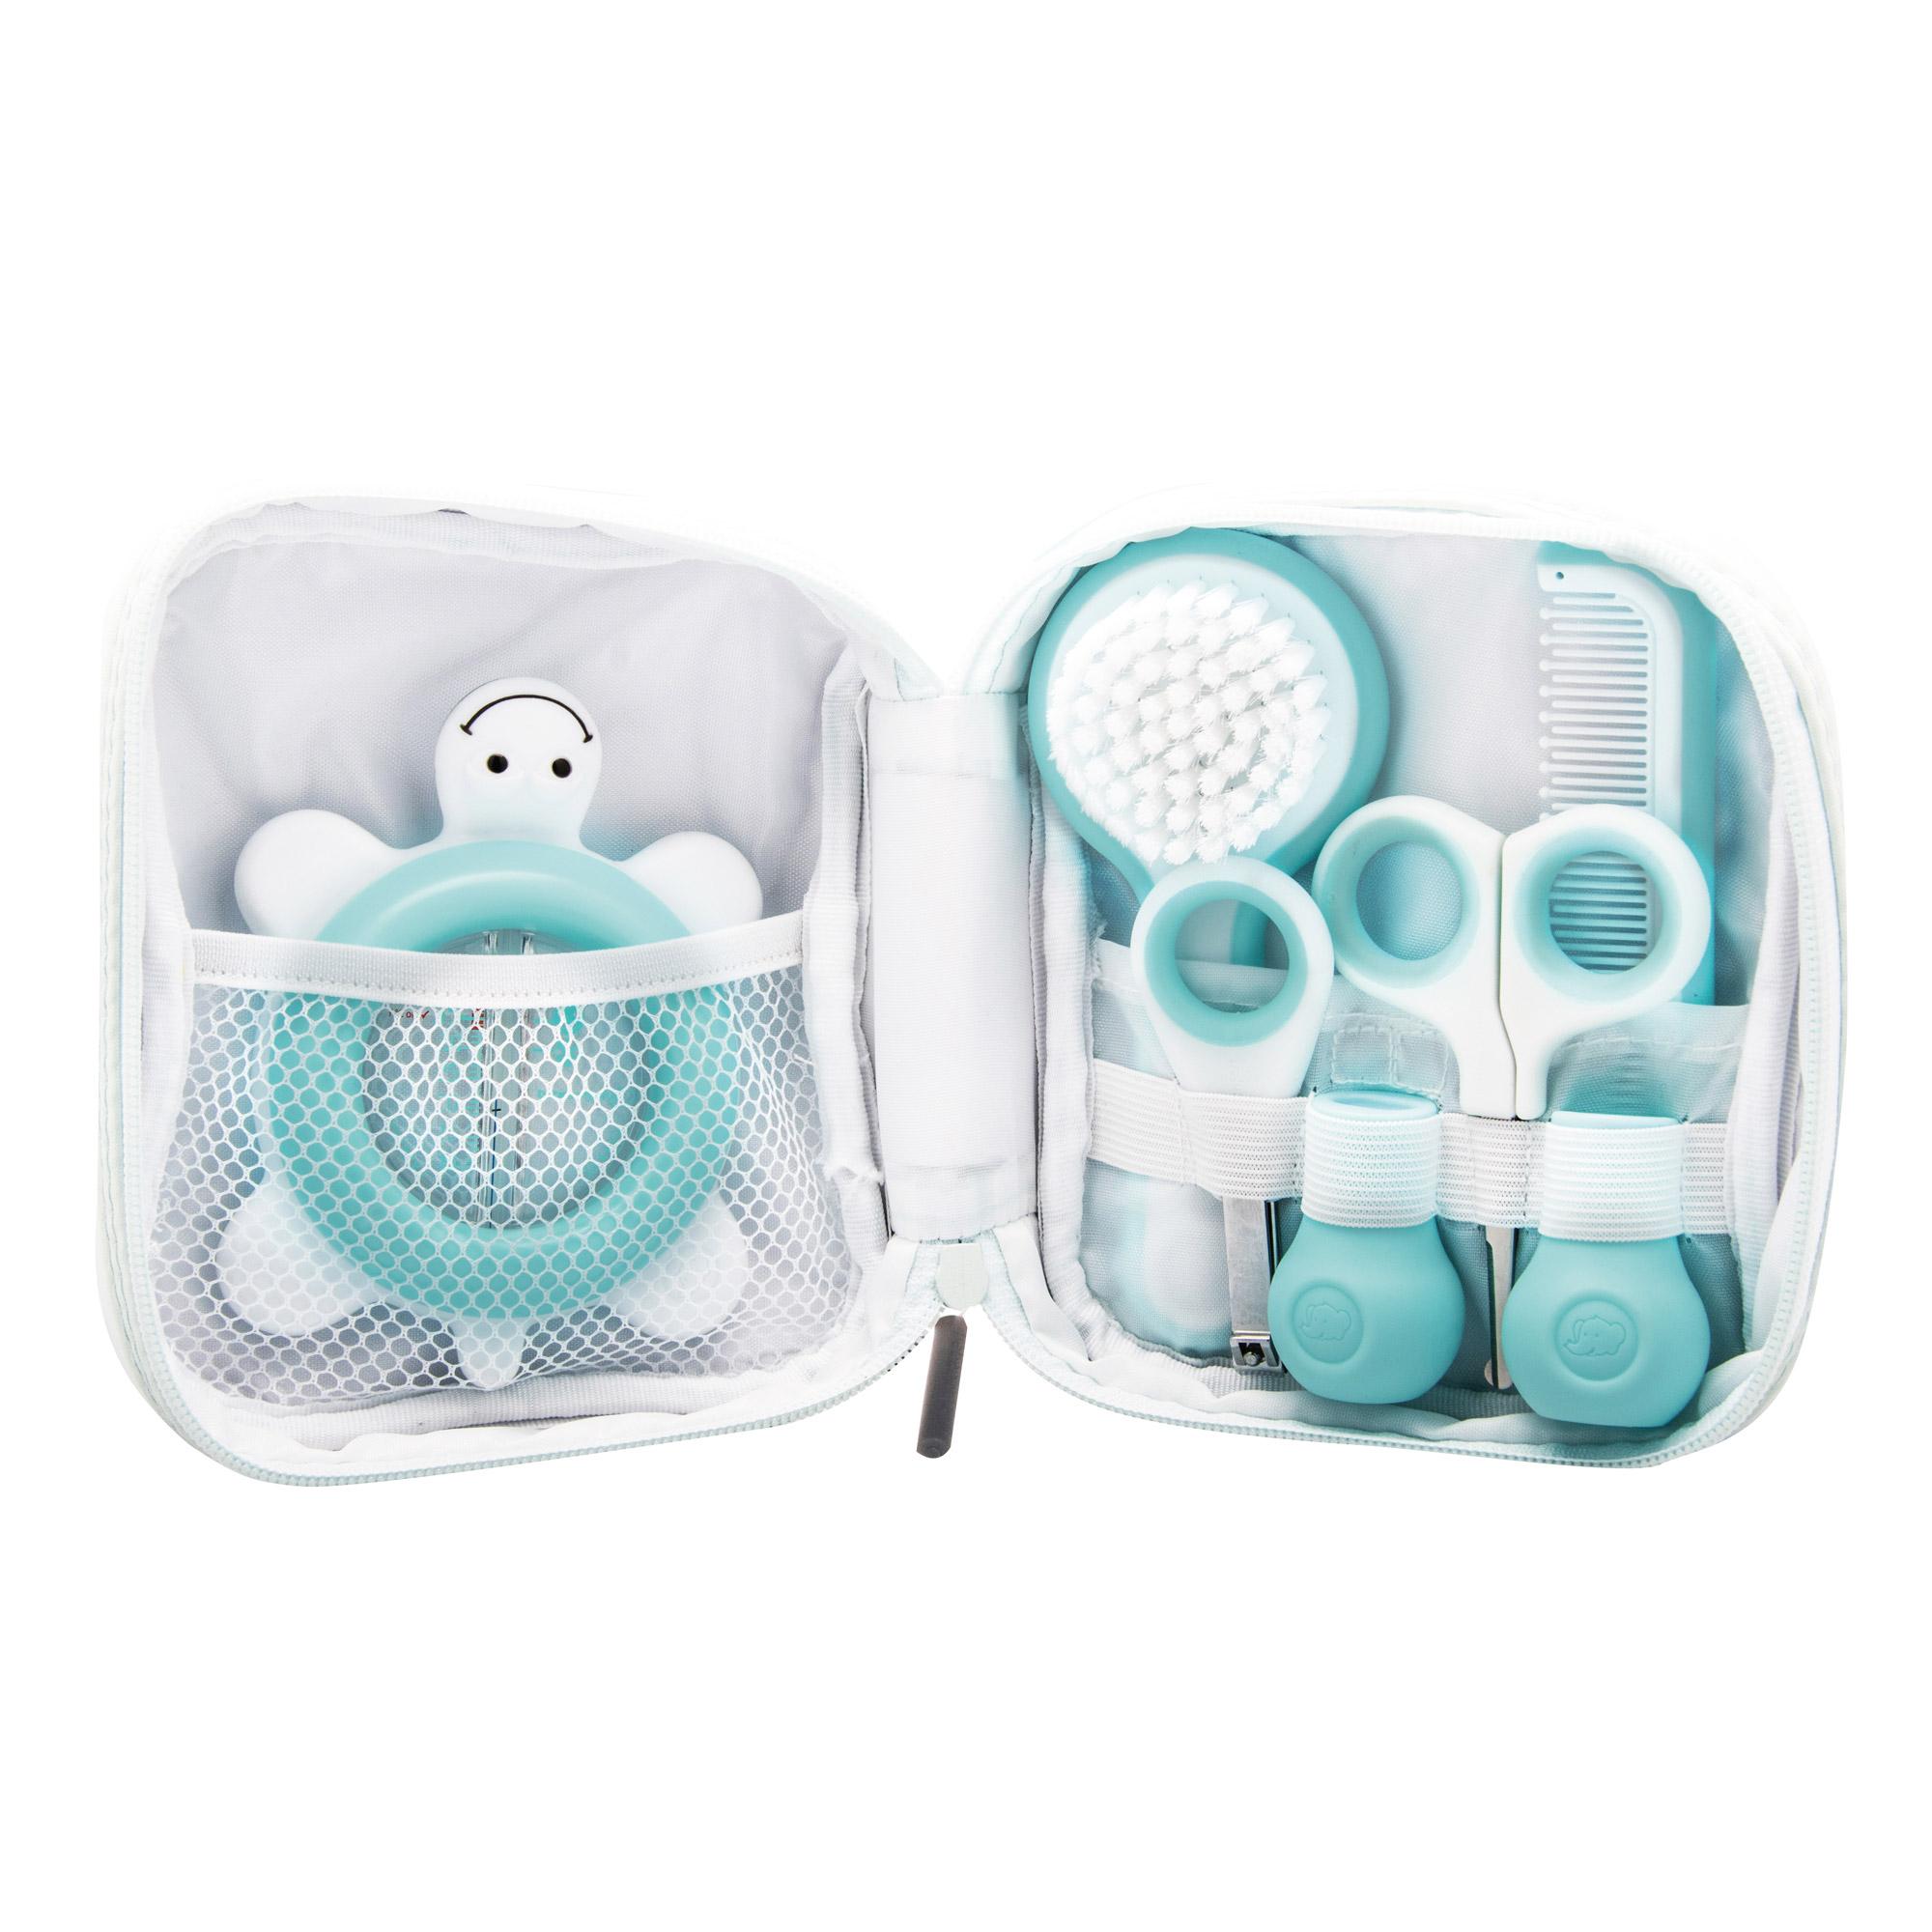 kit de toilette bébé